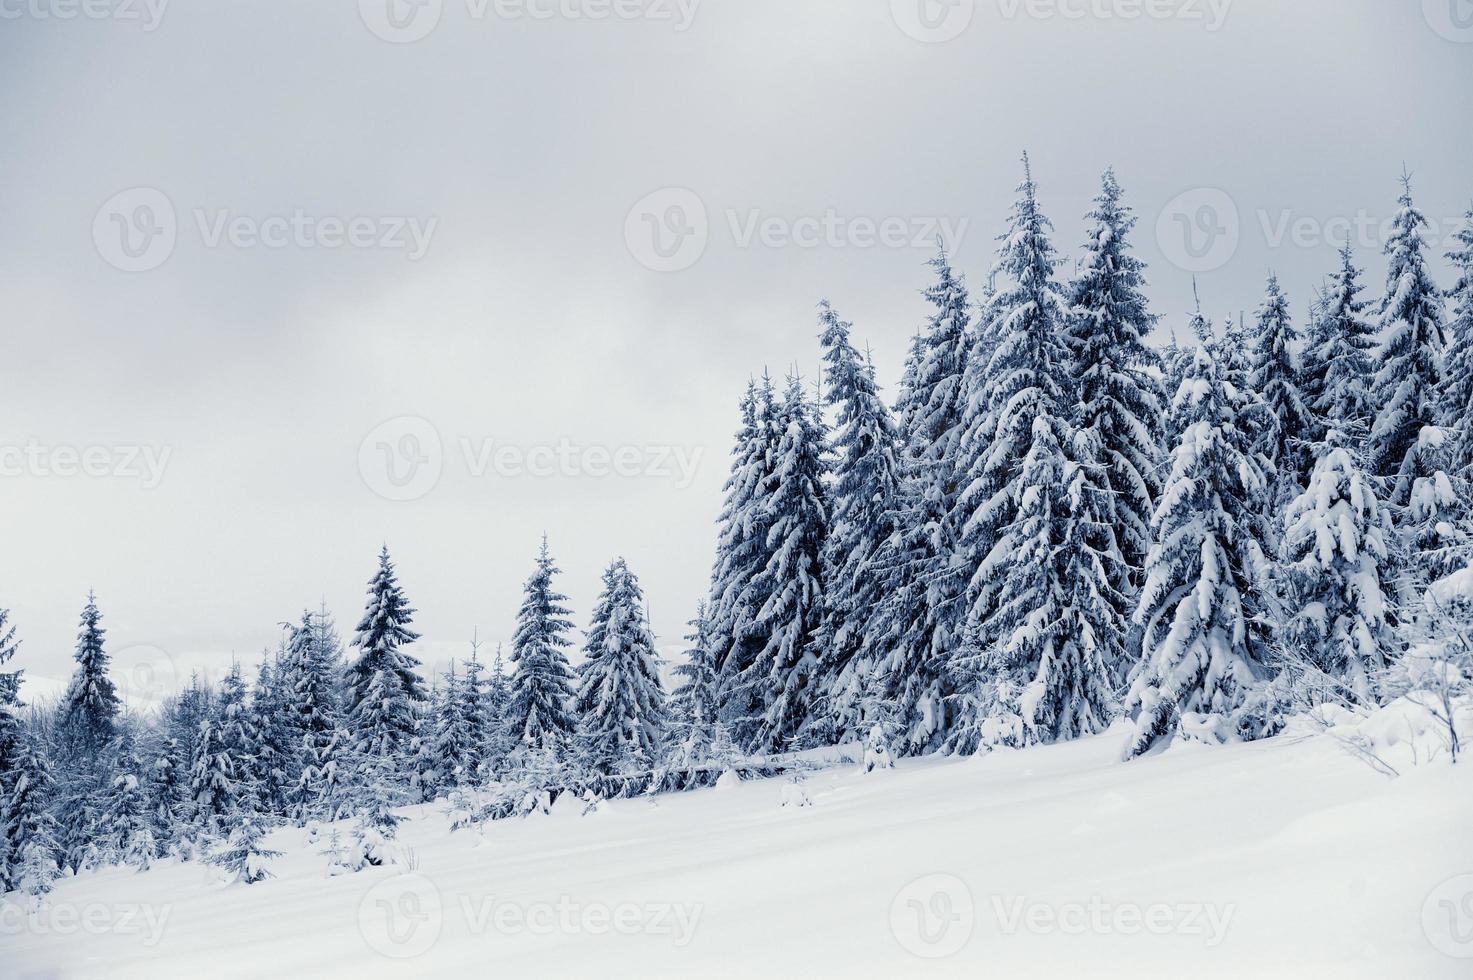 vinterlandskap foto